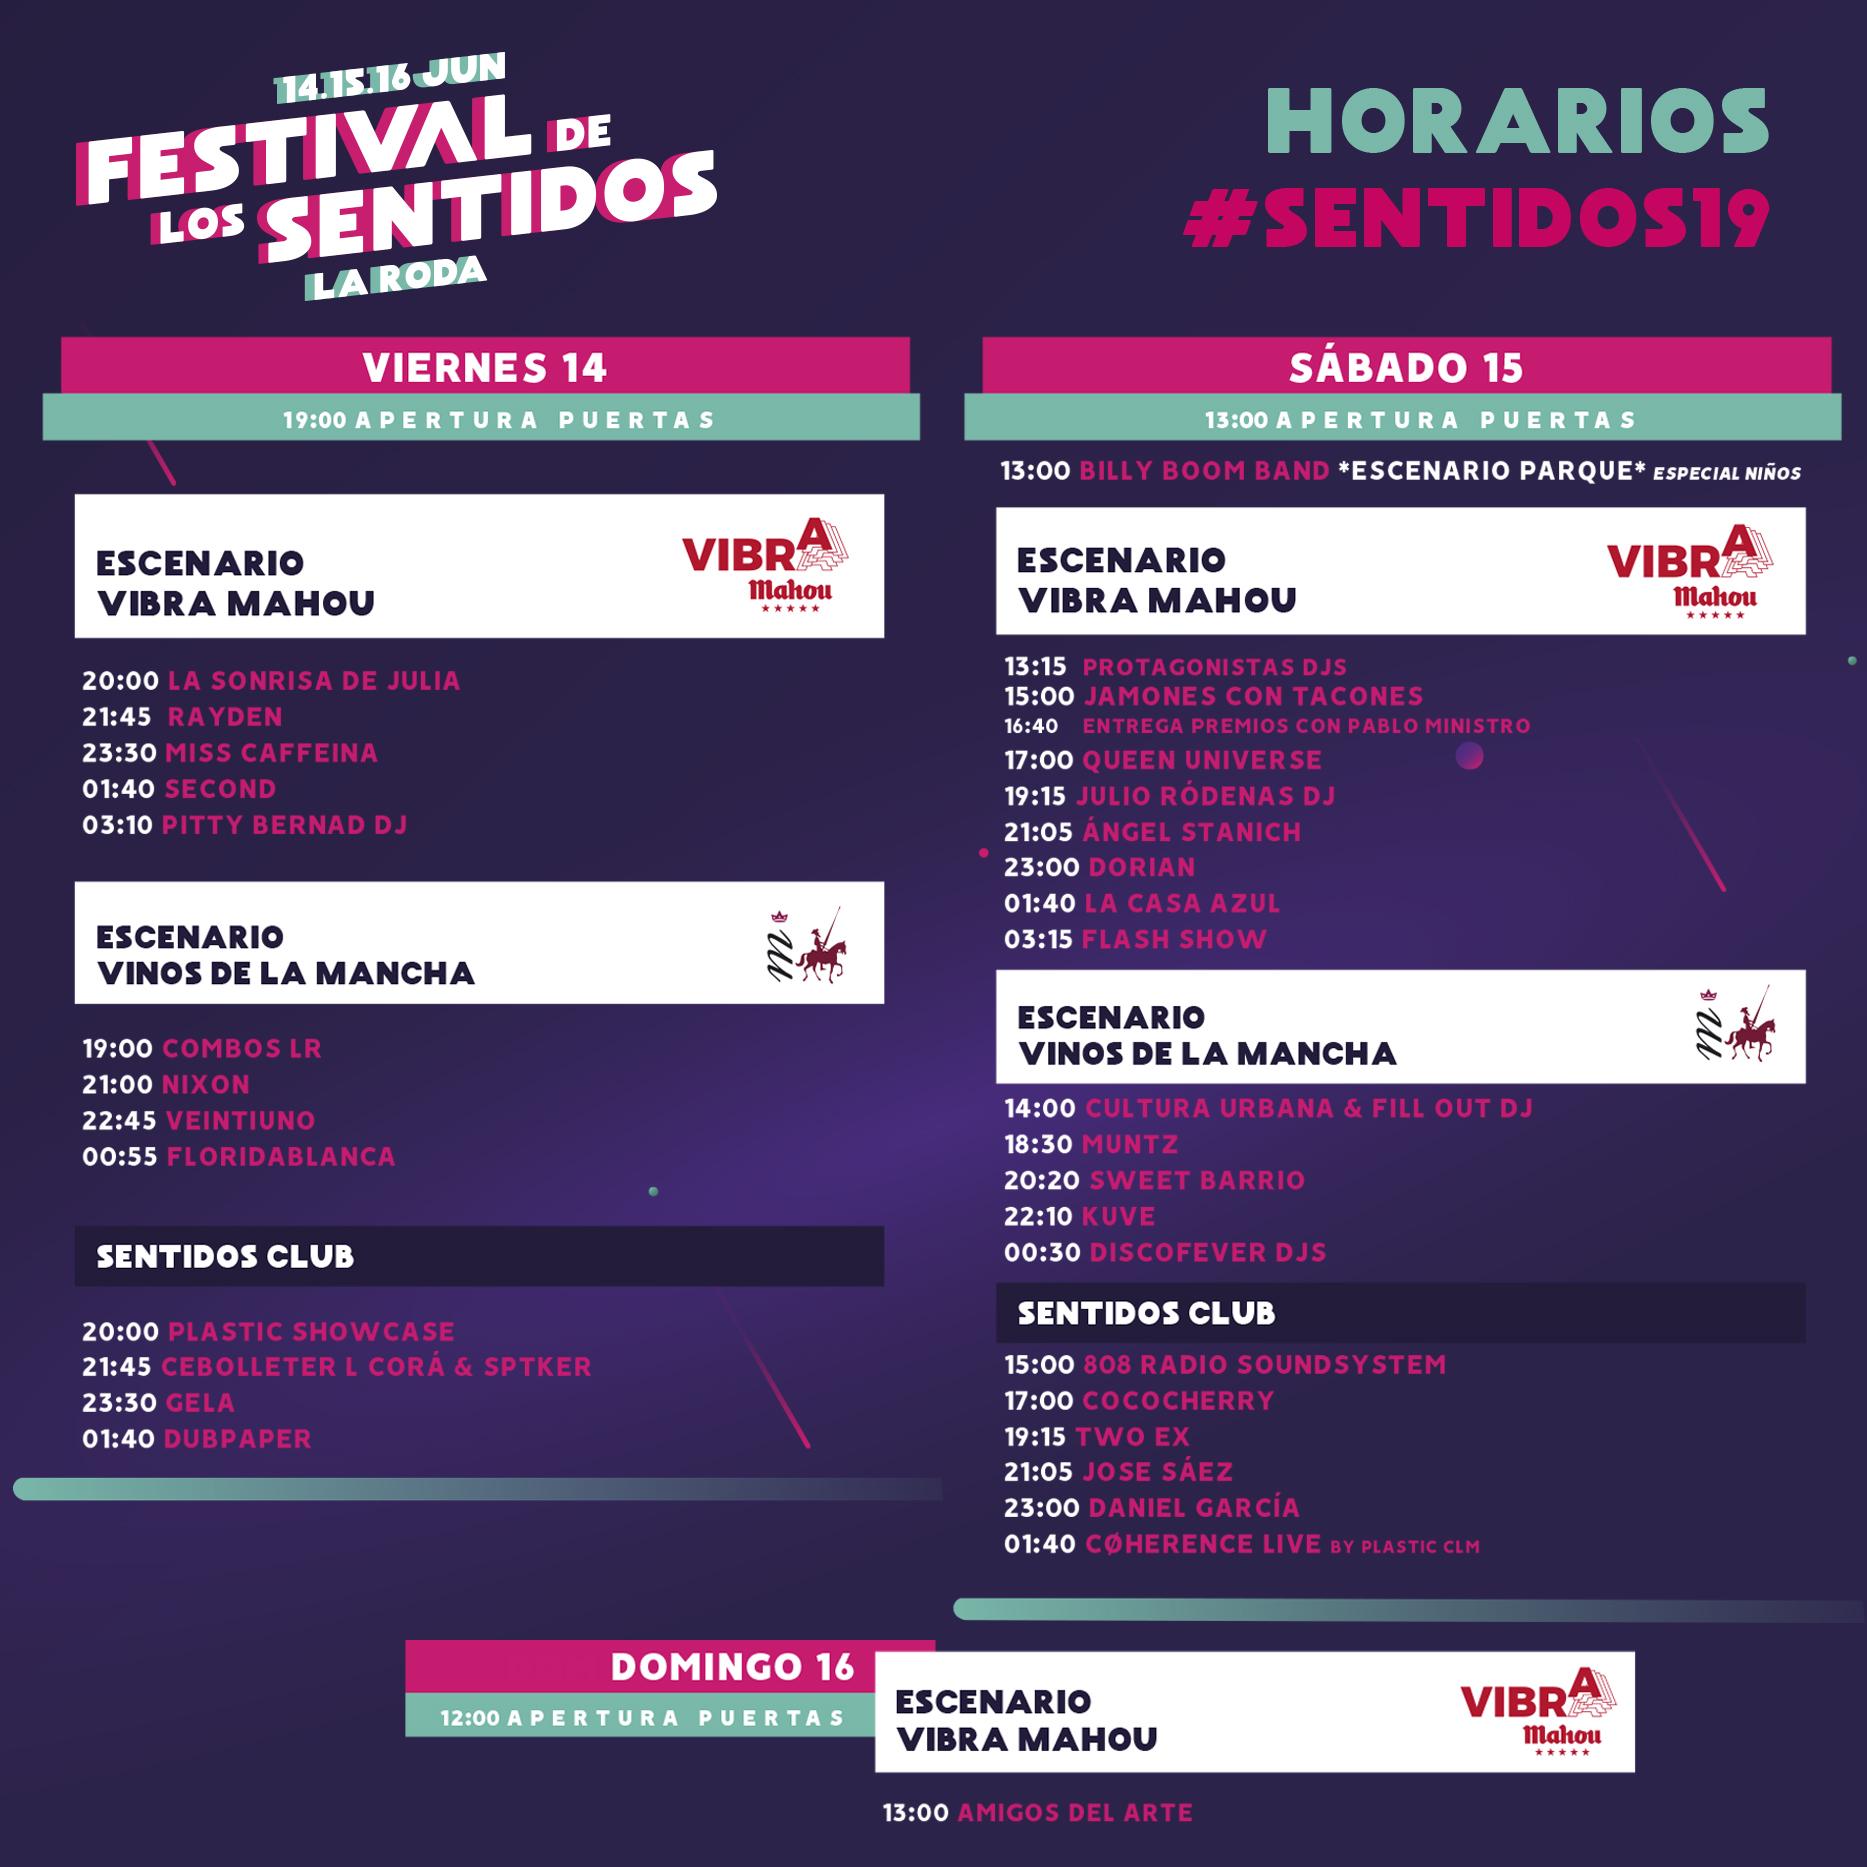 Horarios De #Sentidos19